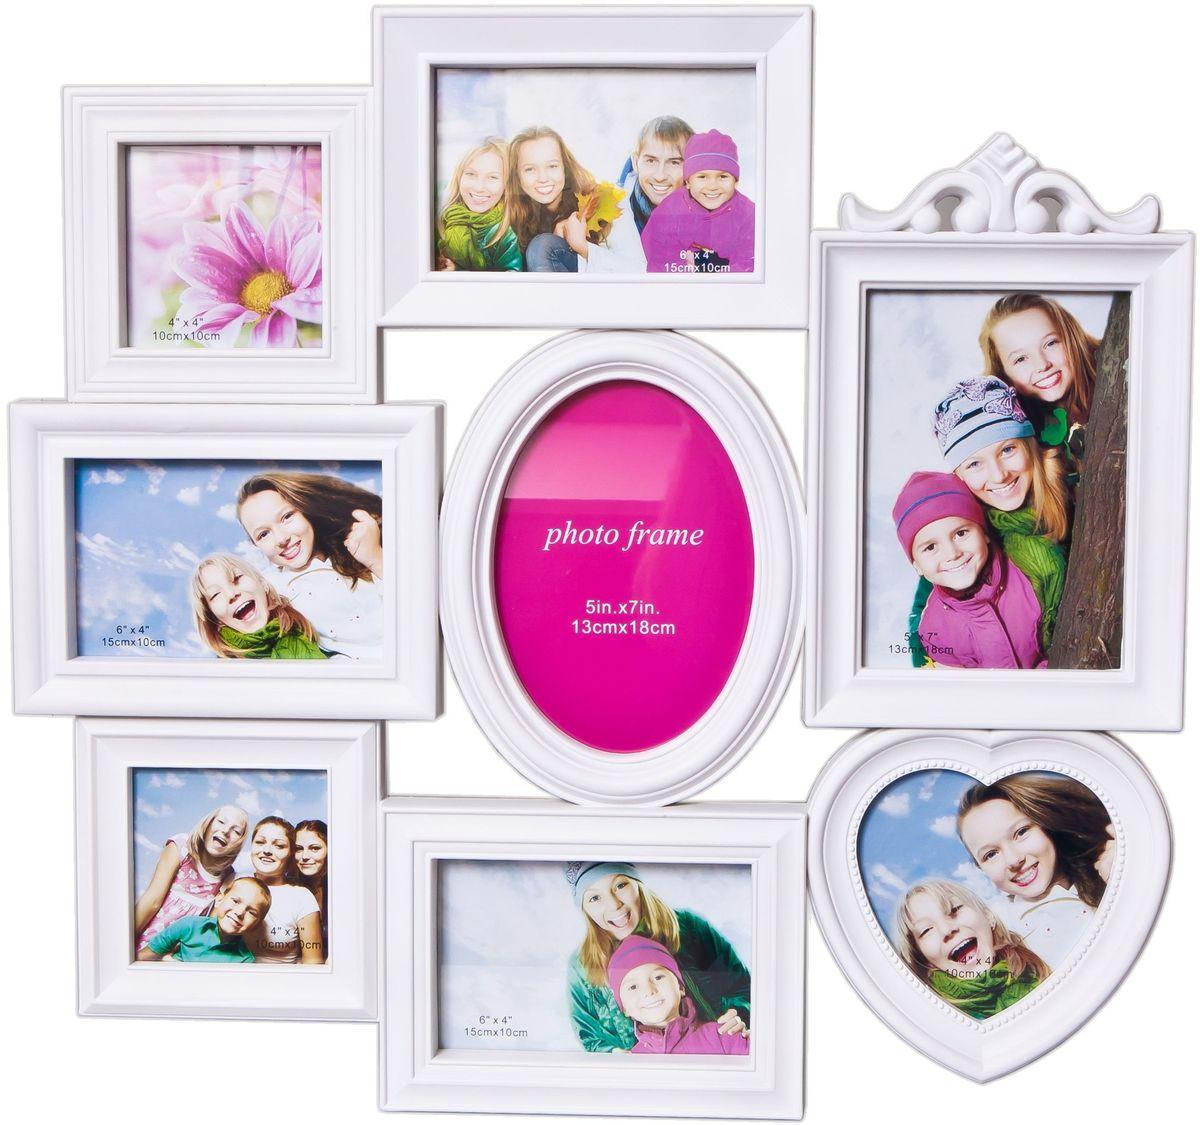 Фоторамка Platinum, цвет: белый, на 8 фото. BH-1318U210DFФоторамка Platinum - прекрасный способ красиво оформить ваши фотографии. Фоторамка выполнена из пластика и защищена стеклом. Фоторамка-коллаж представляет собой восемь фоторамок для фото разного размера оригинально соединенных между собой. Такая фоторамка поможет сохранить в памяти самые яркие моменты вашей жизни, а стильный дизайн сделает ее прекрасным дополнением интерьера комнаты. Фоторамка подходит для 3 фото 10 х 10 см, 3 фото 10 х 15 см и 2 фото 13 х 18 см.Общий размер фоторамки: 51 х 48 см.